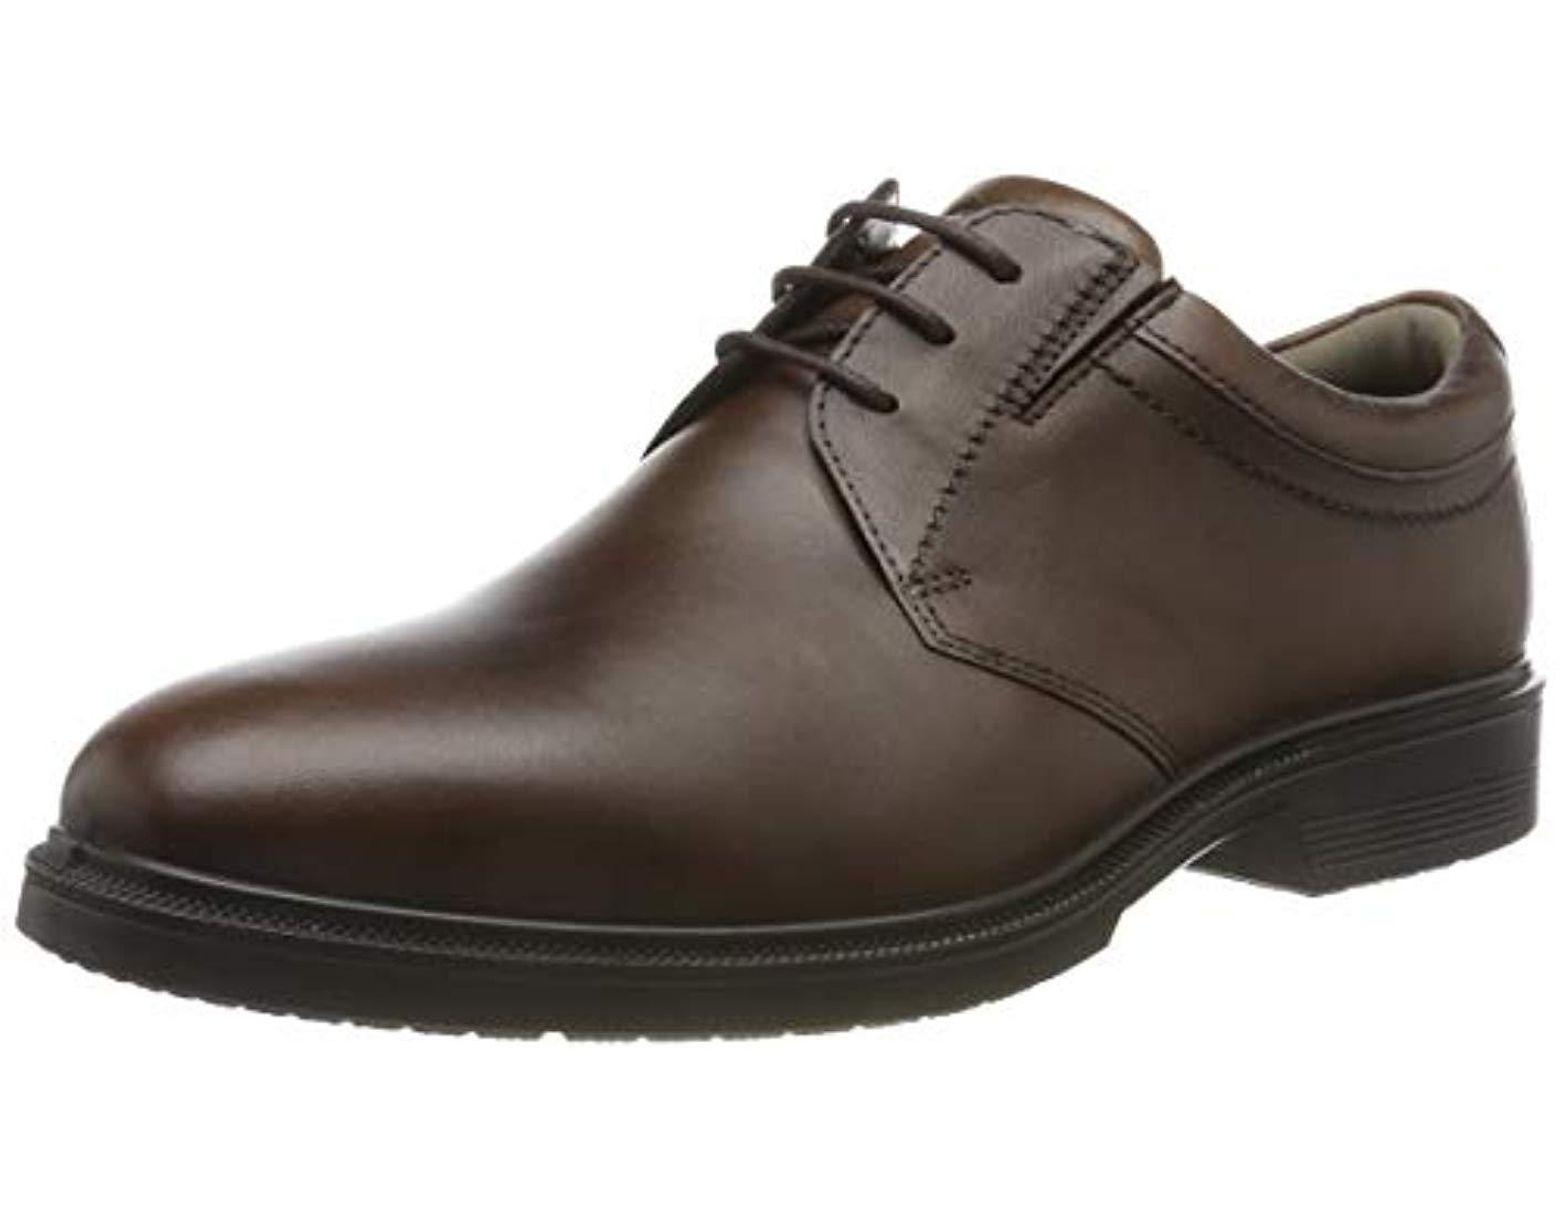 ECCO Lisbon Santiago 622104 Men's Lace up Formal Shoes in Black